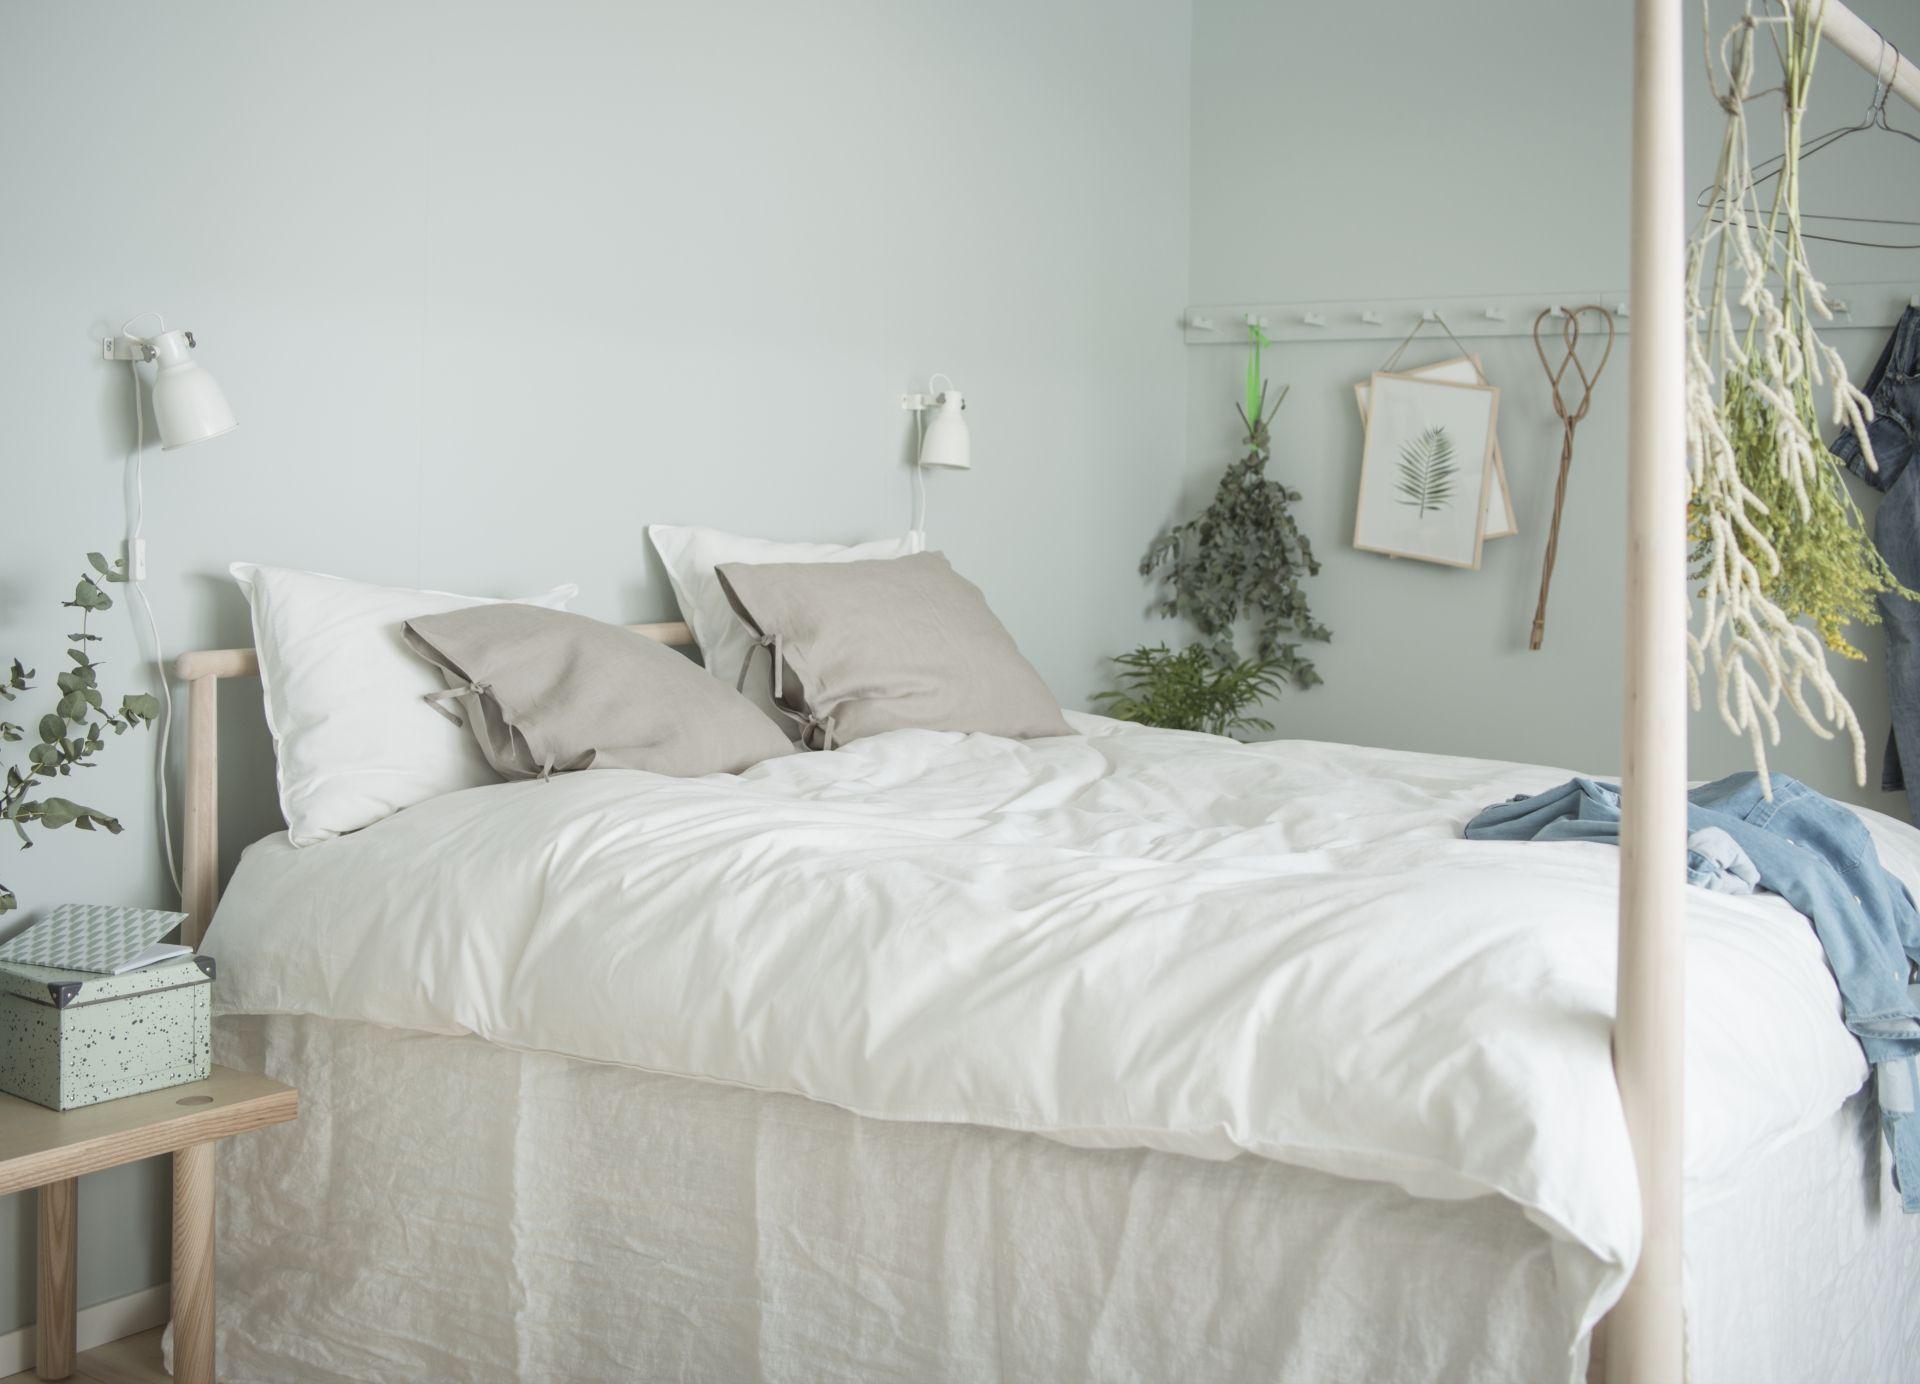 GjÖra bed ikea ikeanederland ikeanl slaapkamer slapen hout berken